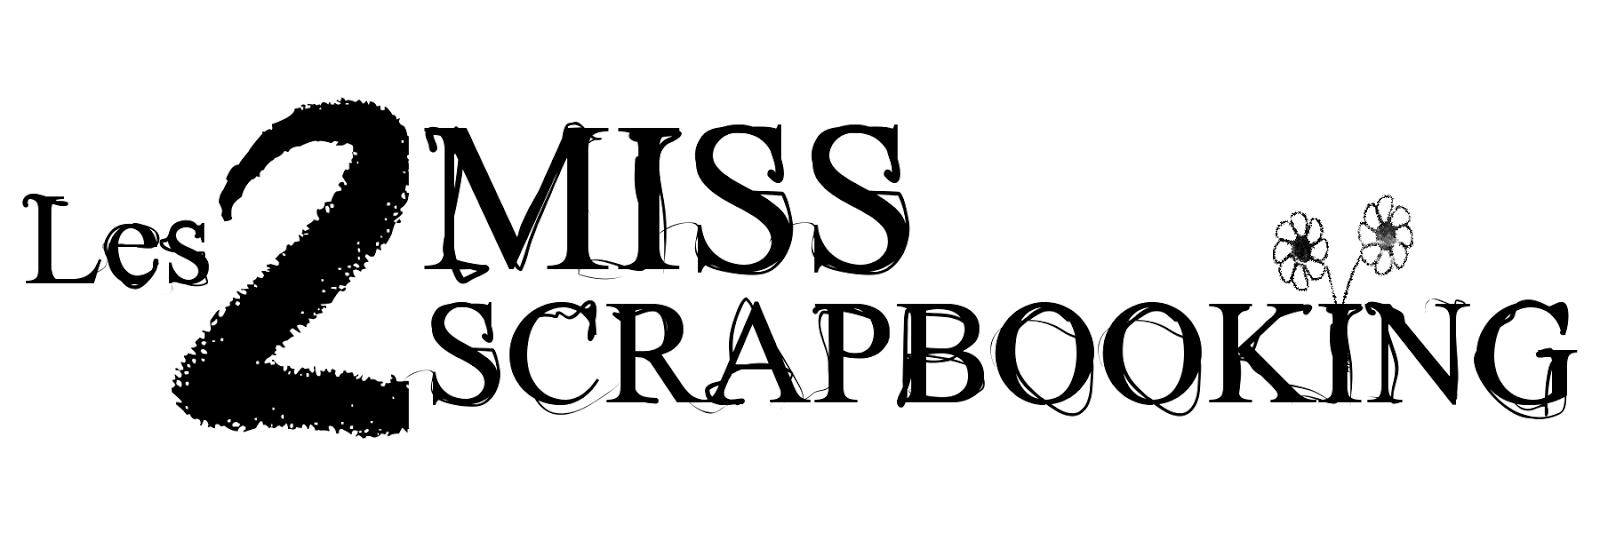 les 2 Miss Scrapbooking